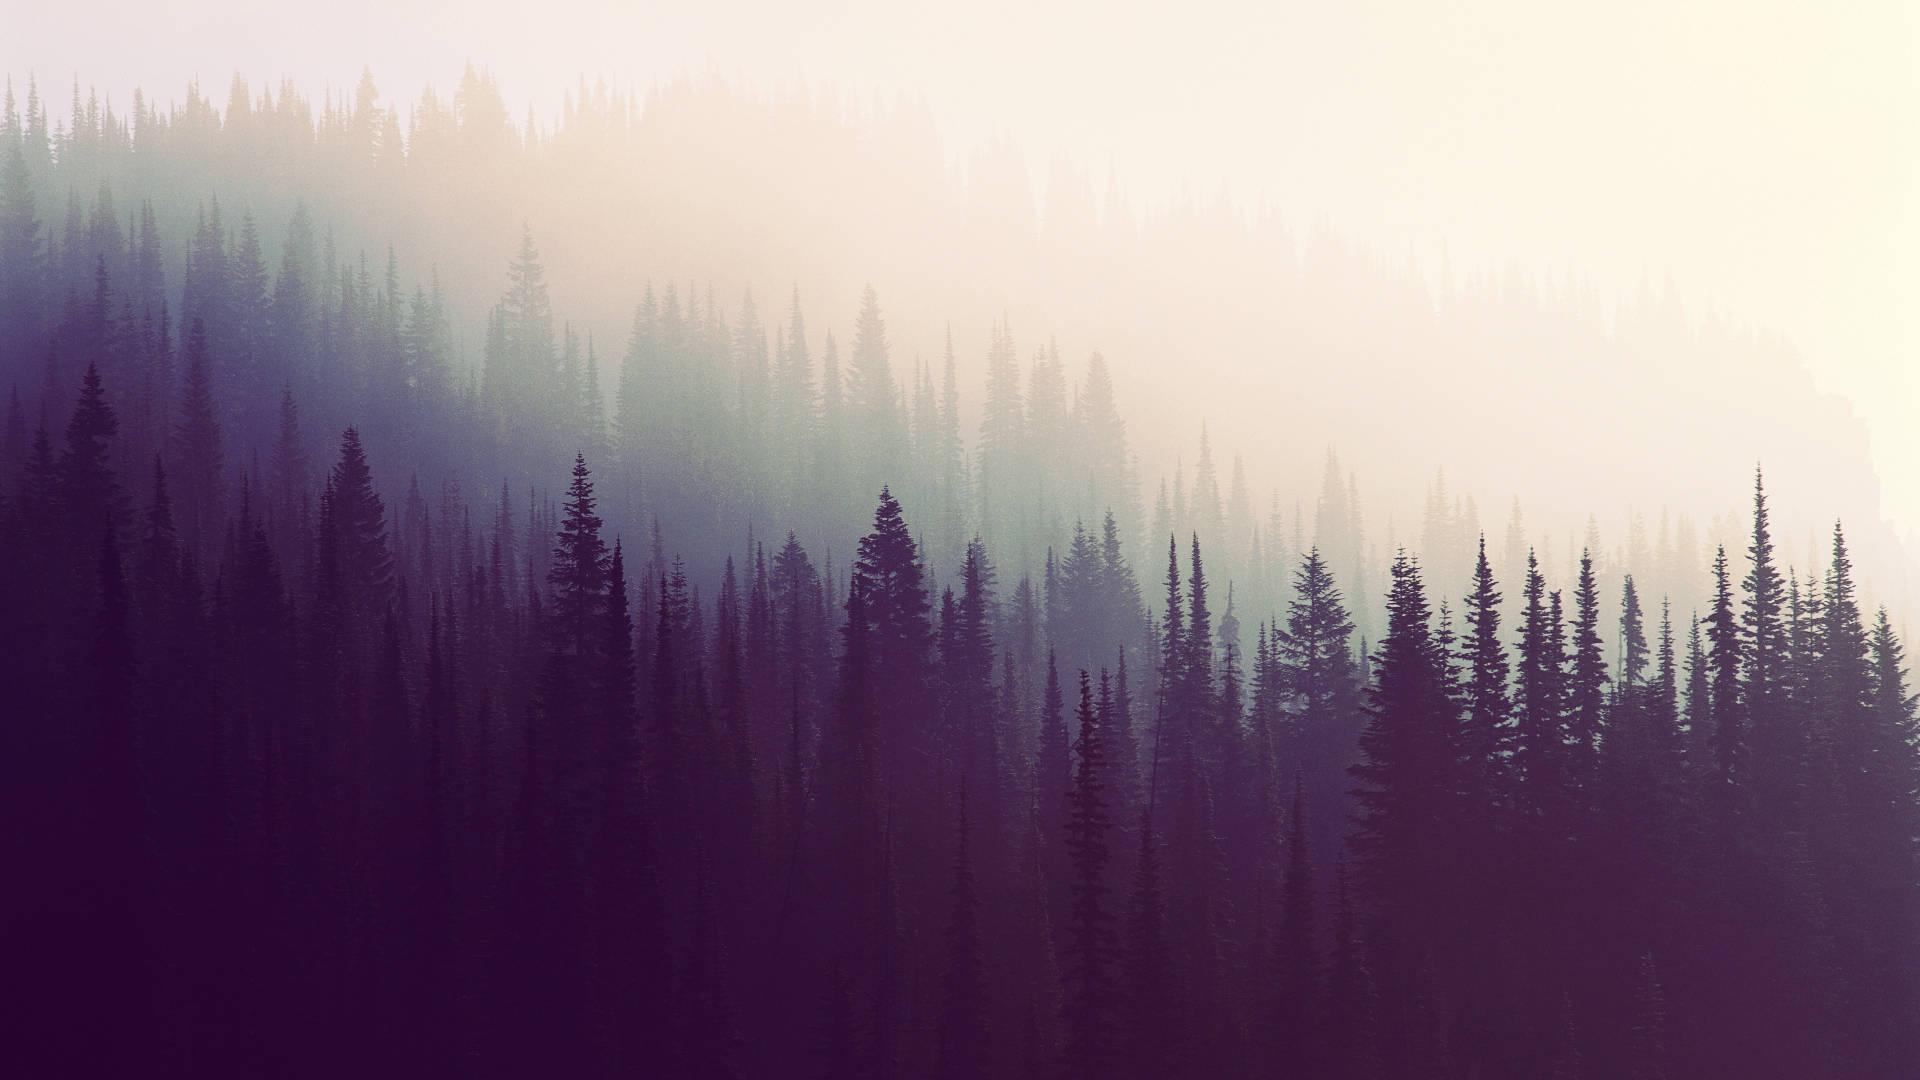 respirar-anadeseria-reflexiones-de-la-vida-microrrelatos-pensamientos-abstractos